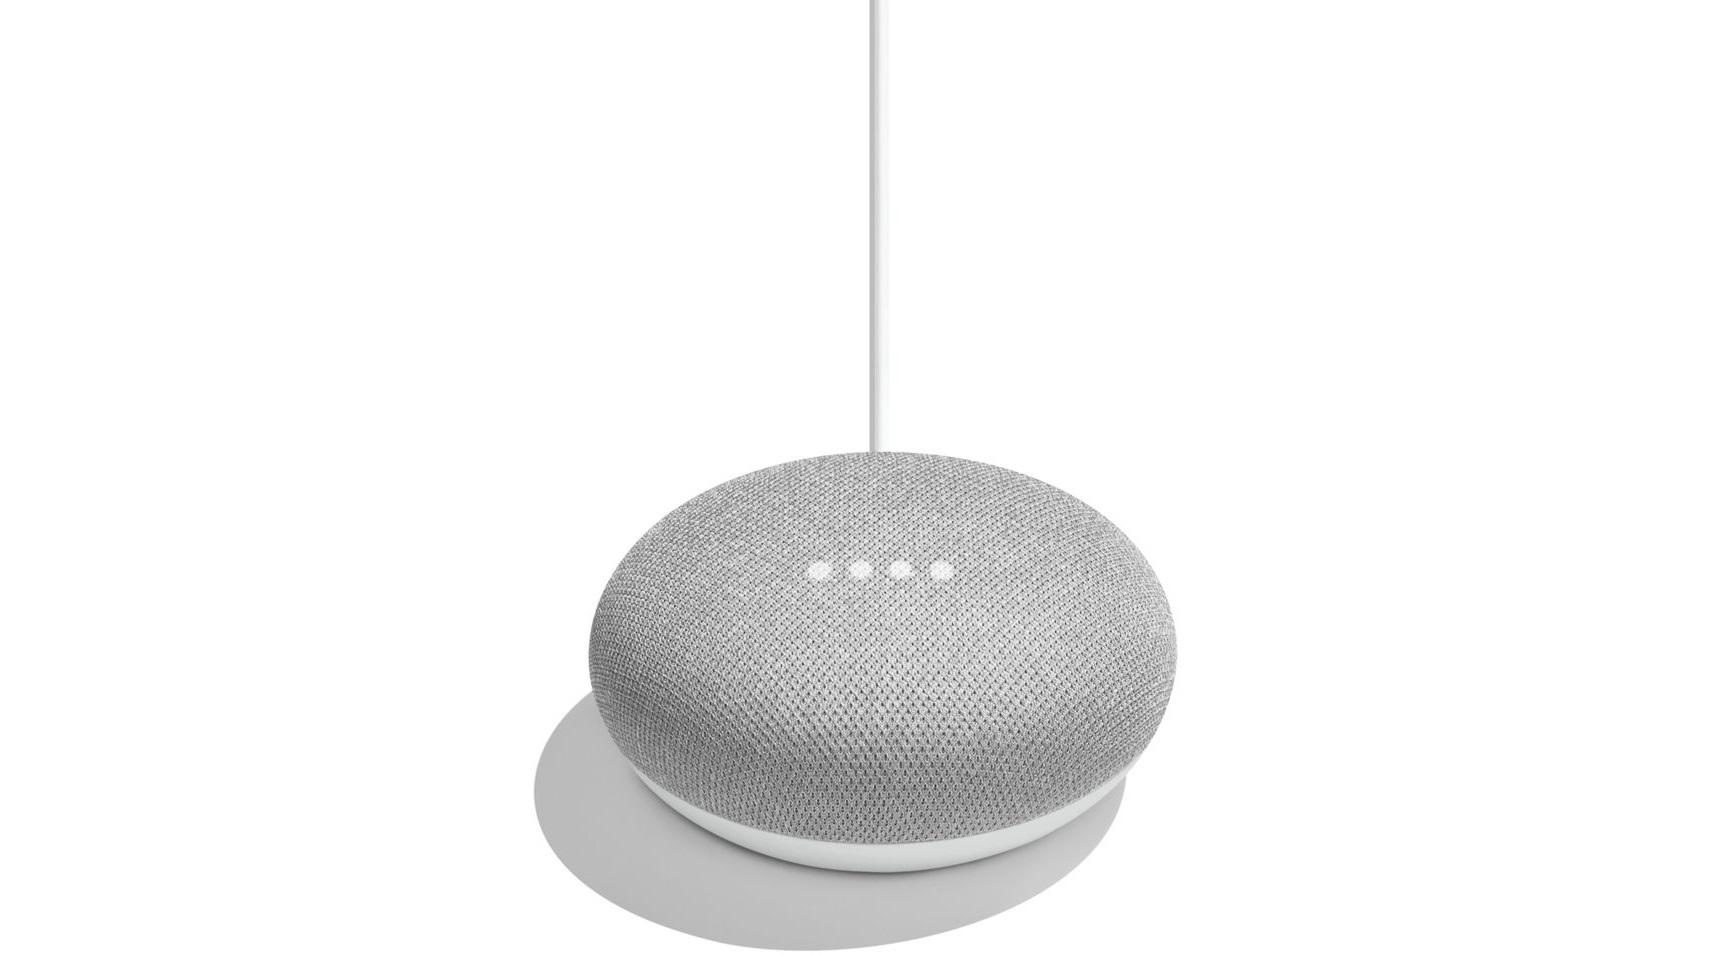 Google Home Mini galet - enceinte intelligente reconditionnée